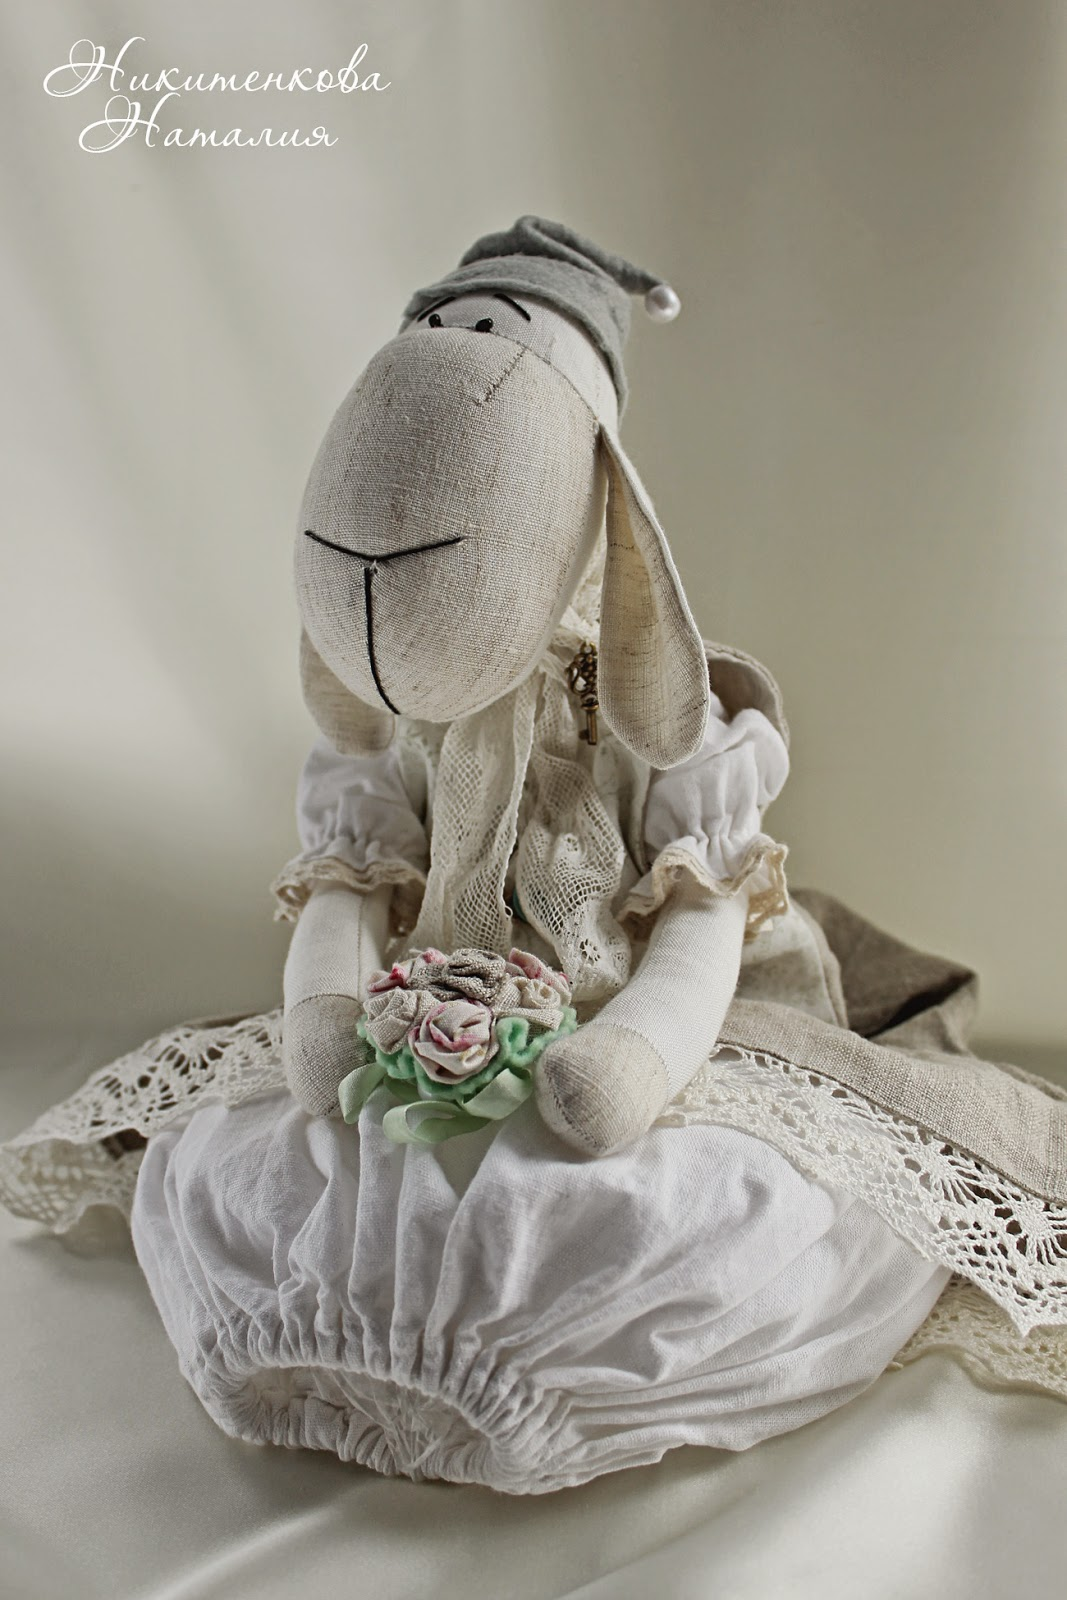 овечка, барашки на новый год, овечки-пакетницы своими руками, новый год, подарок на новый год, стиль прованс, кухня, на кухню